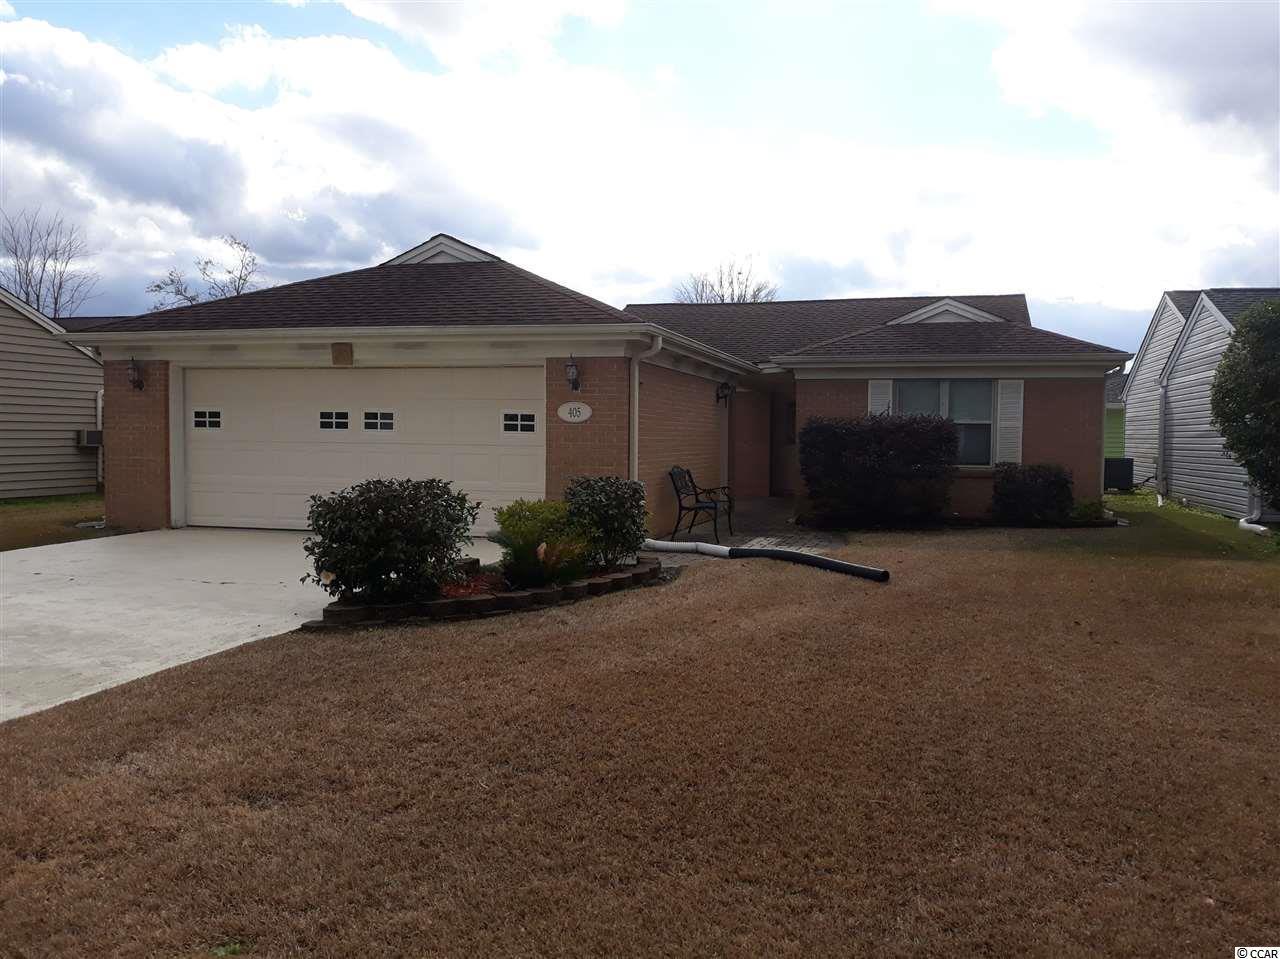 405 Killarney Dr., Socastee, South Carolina